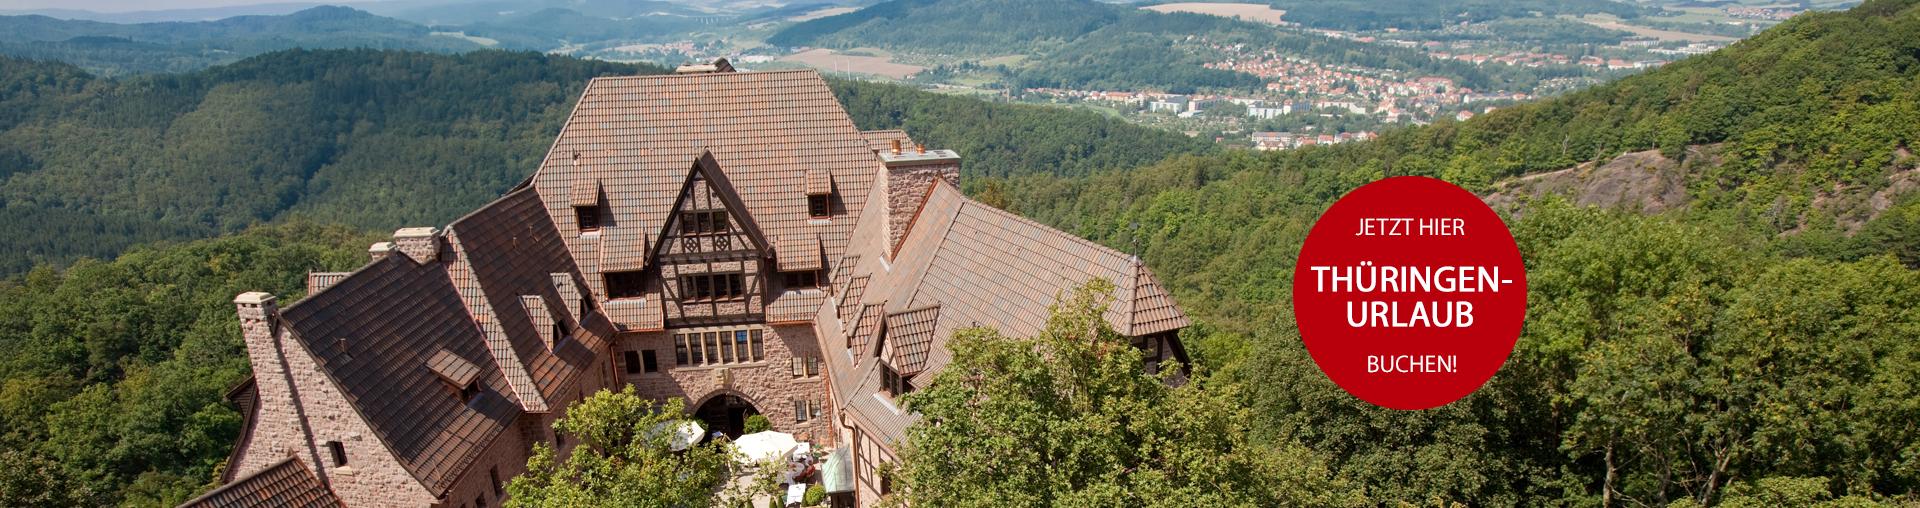 Bild zu Urlaub in Thüringen